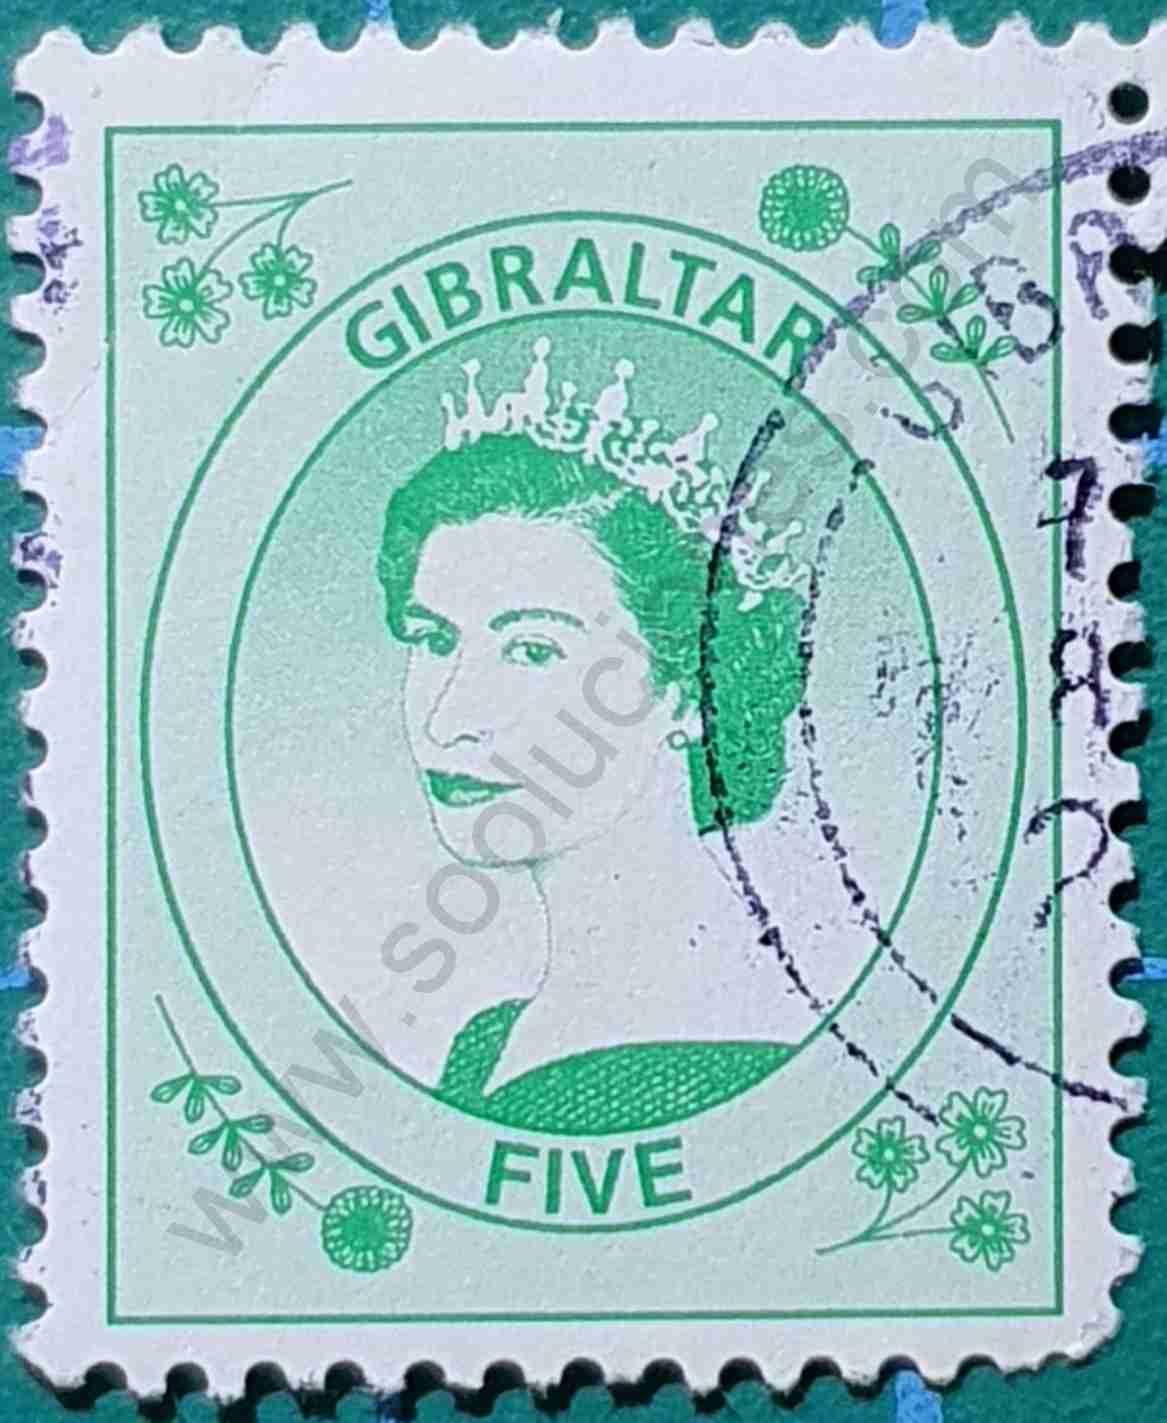 Reina Elizabeth - Sello Gibraltar 1999